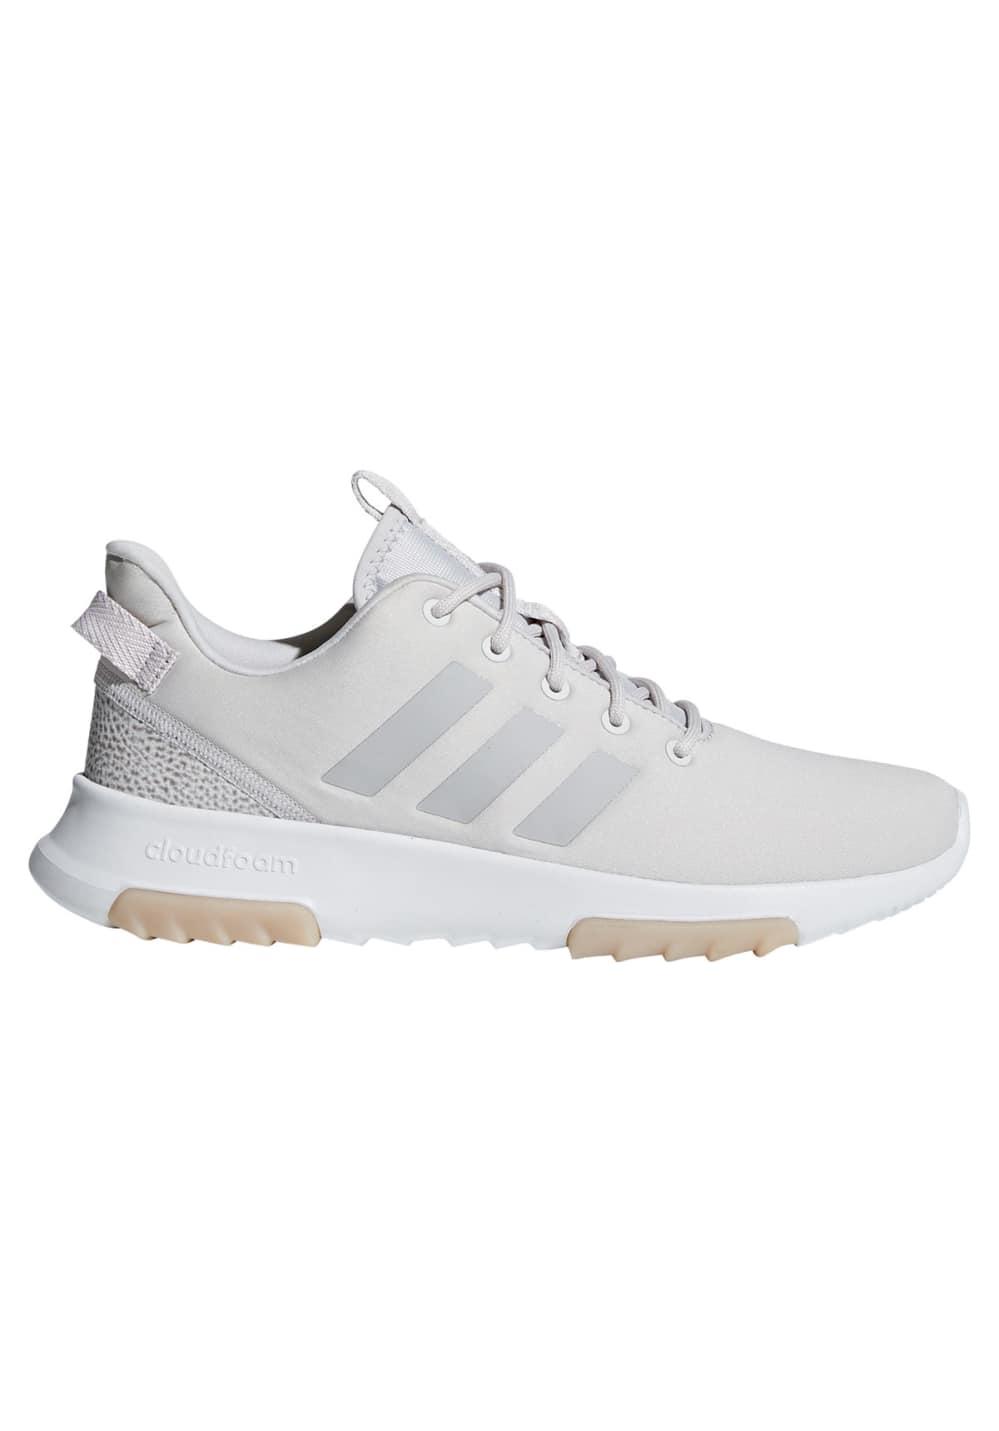 adidas Cloudfoam Racer Tr - Fitnessschuhe für Damen - Weiß